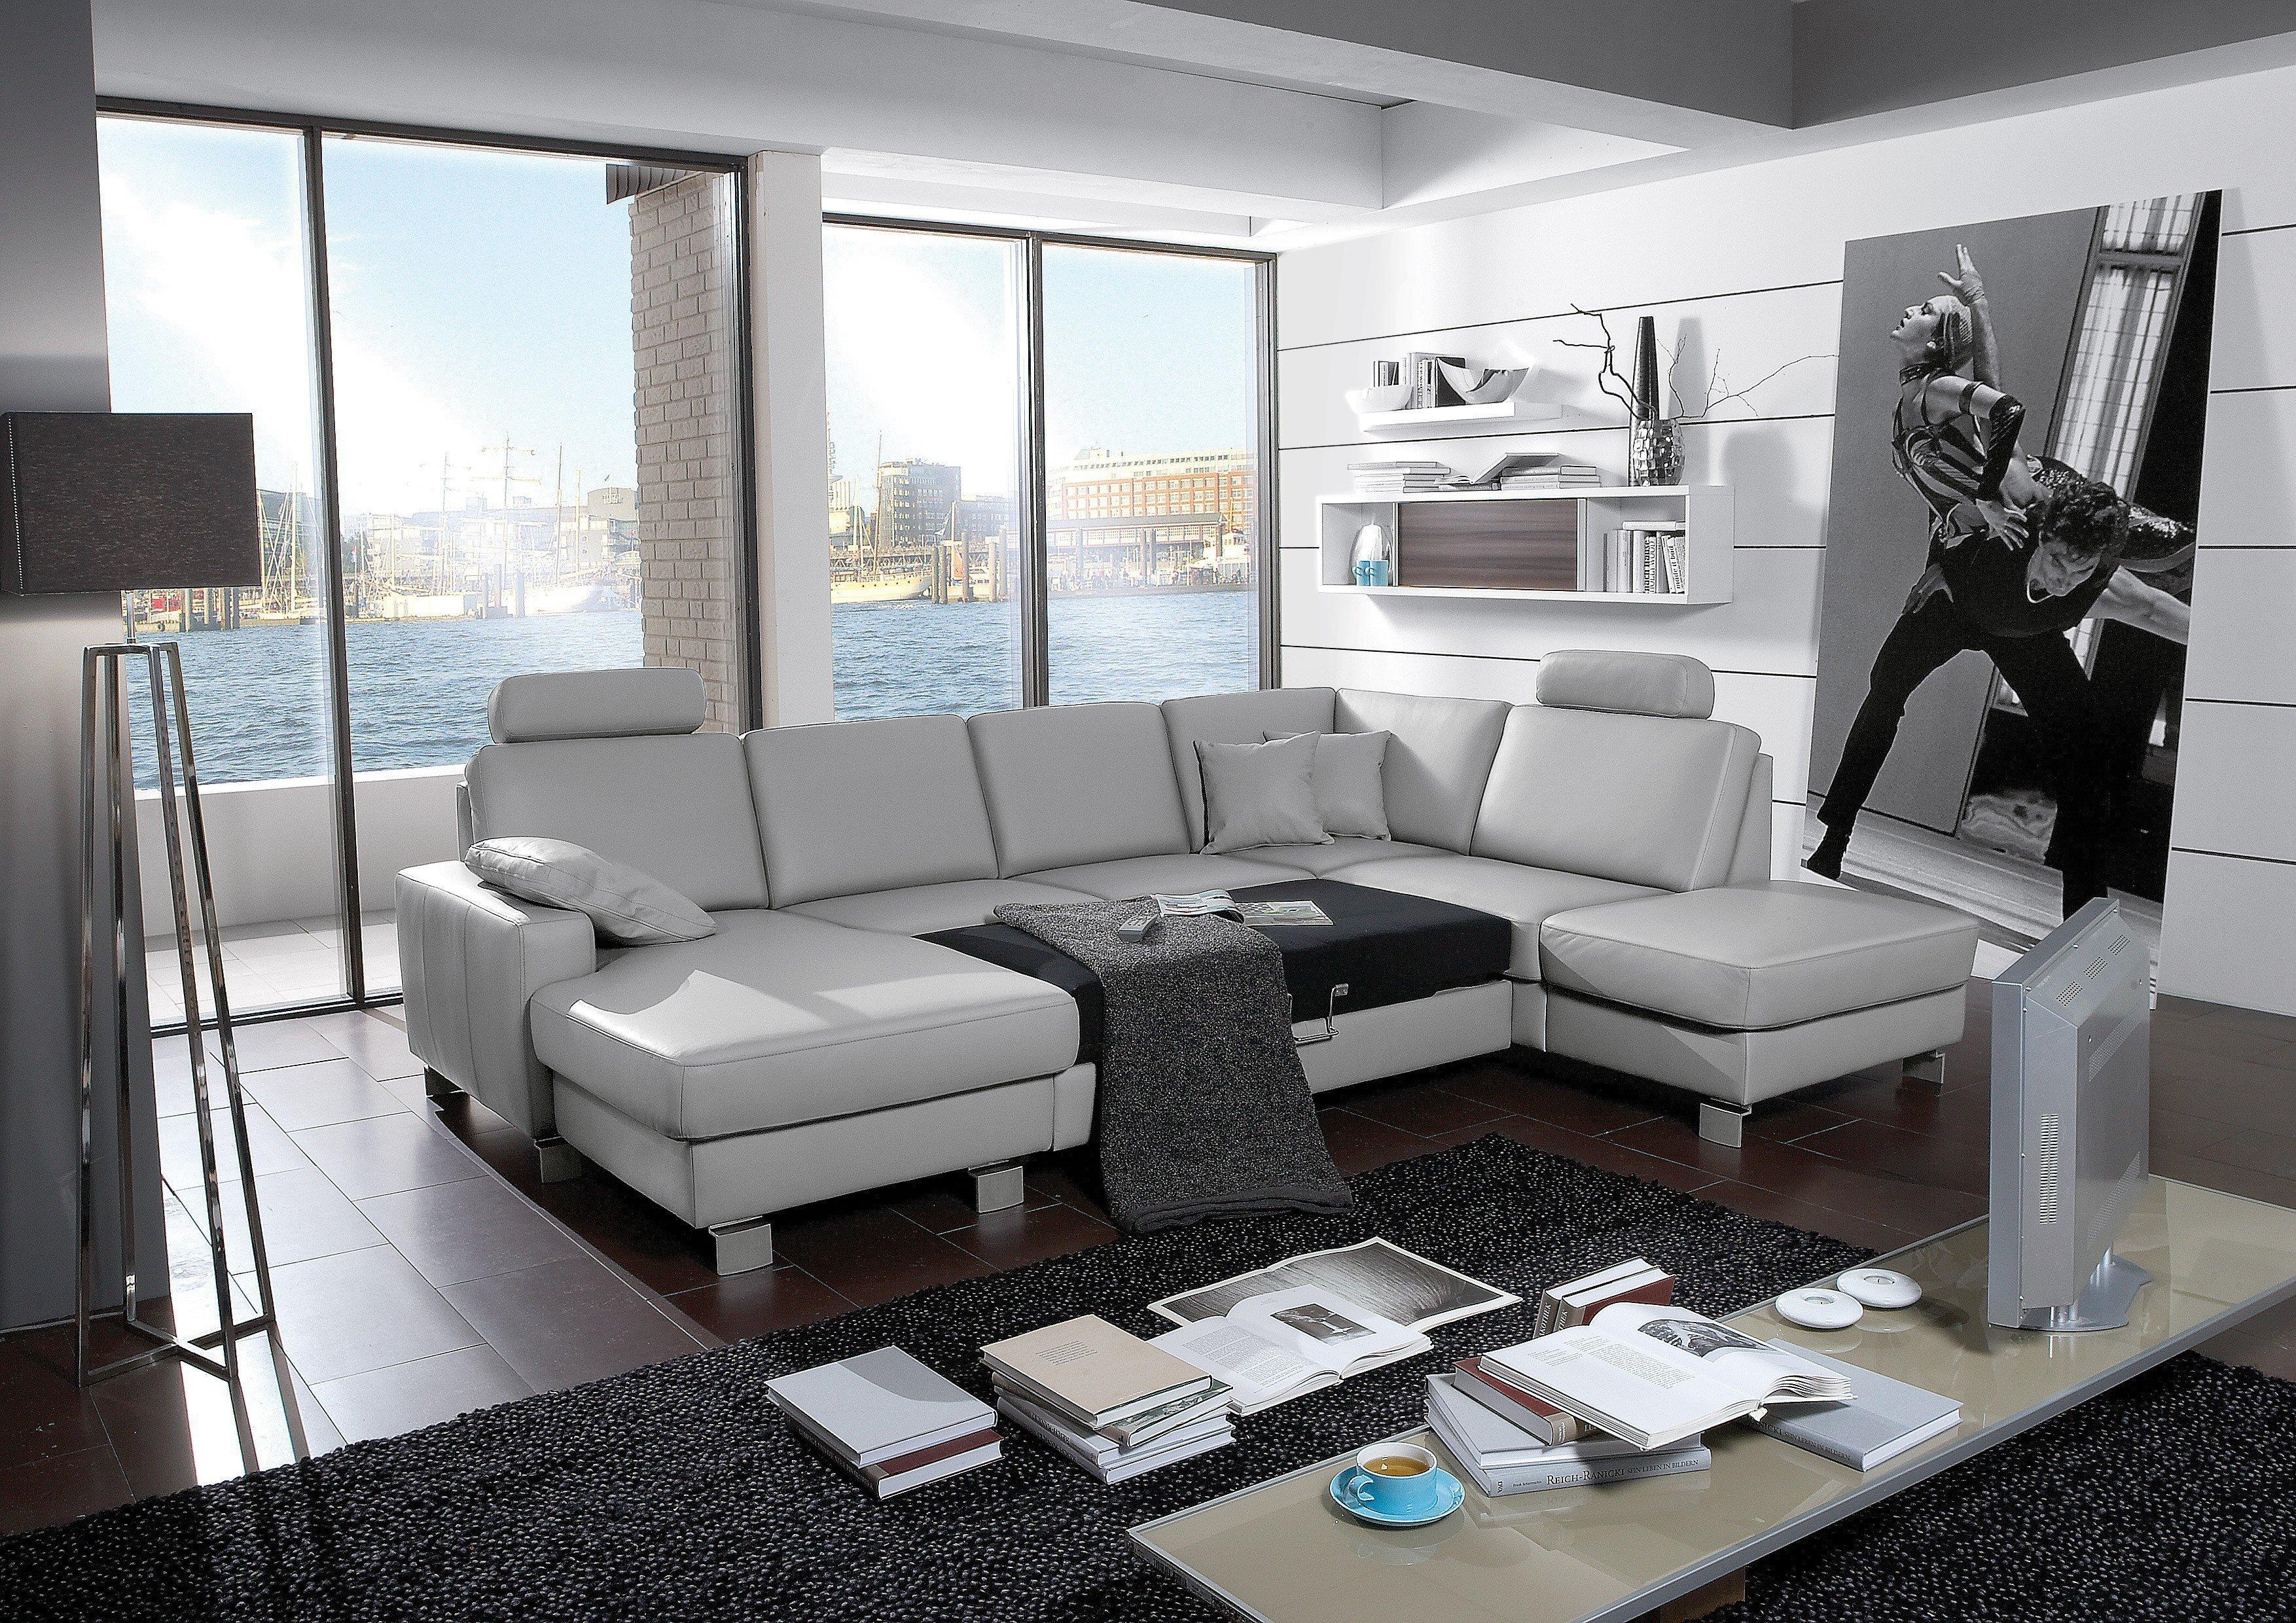 ledersofa grau. Black Bedroom Furniture Sets. Home Design Ideas